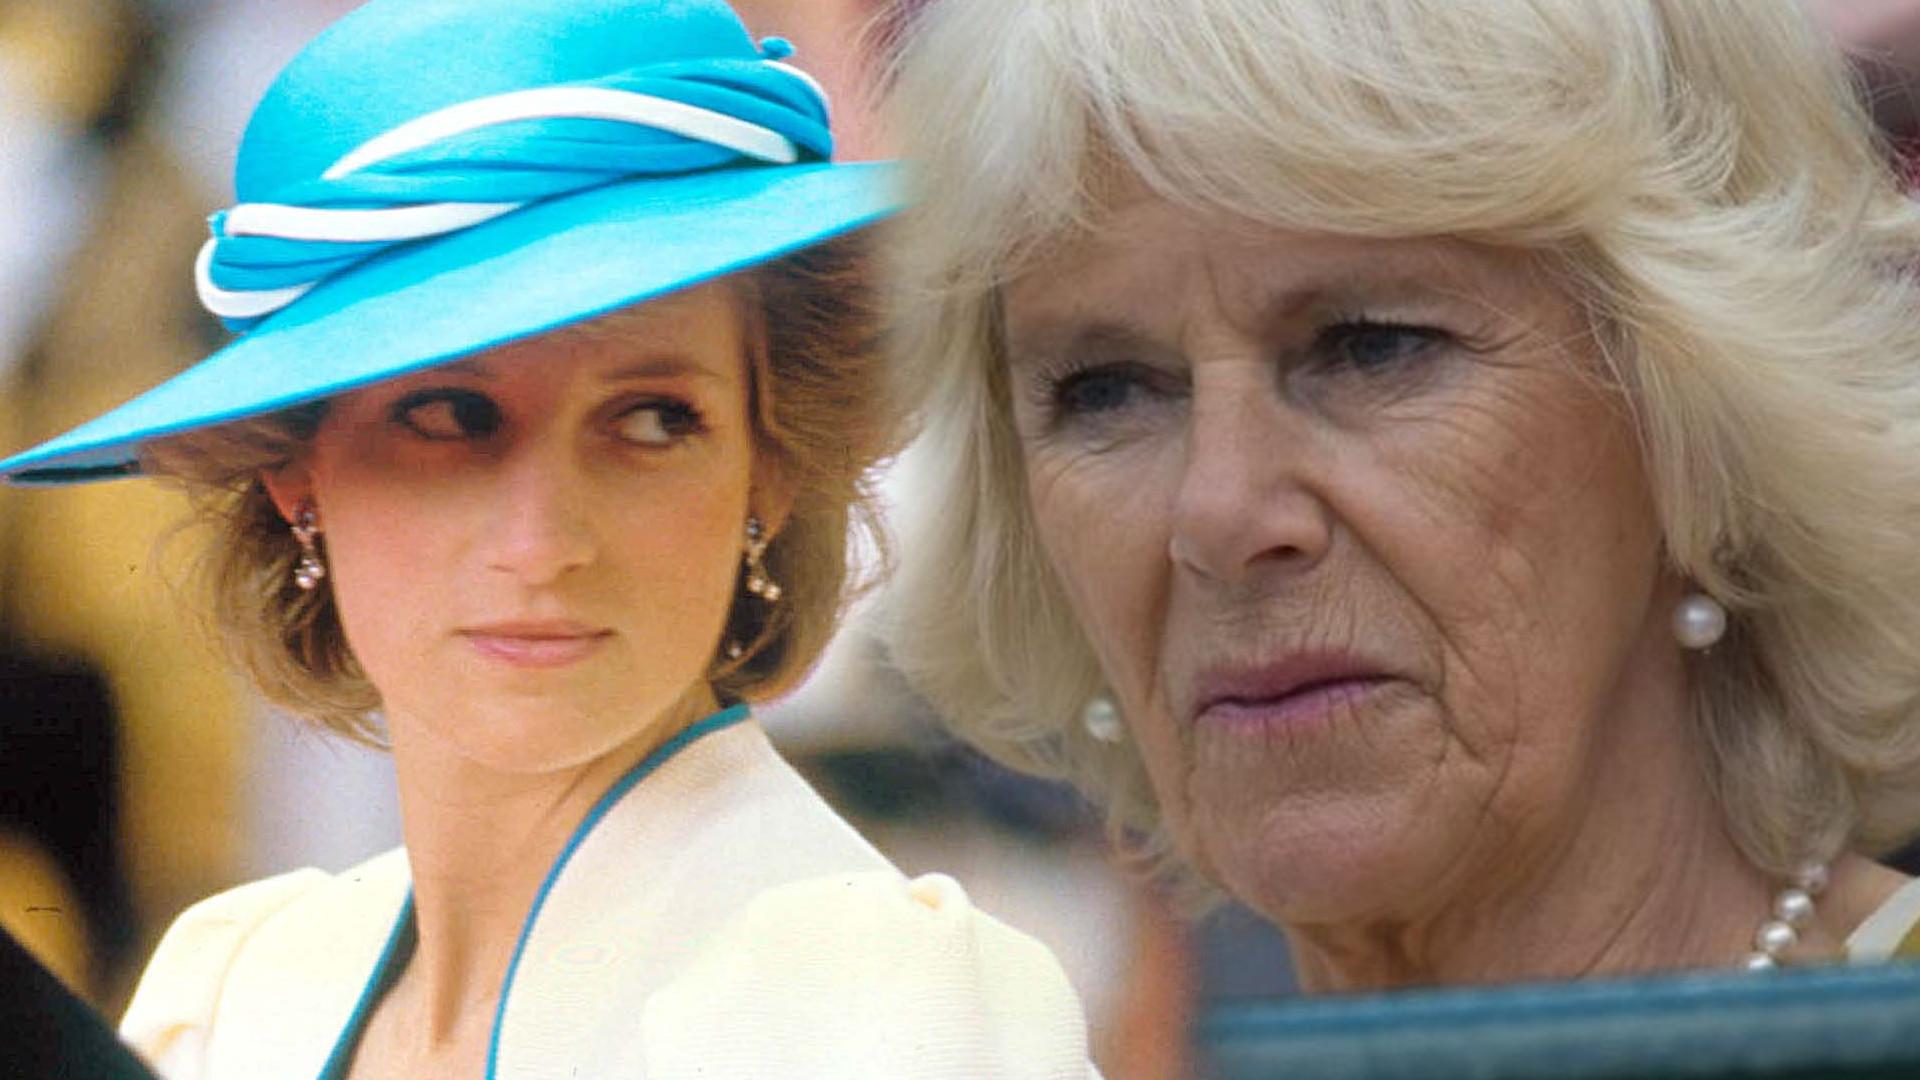 Camilla wykorzystała księżną Dianę do swojego planu. Dopiero teraz wyszło wszystko na jaw